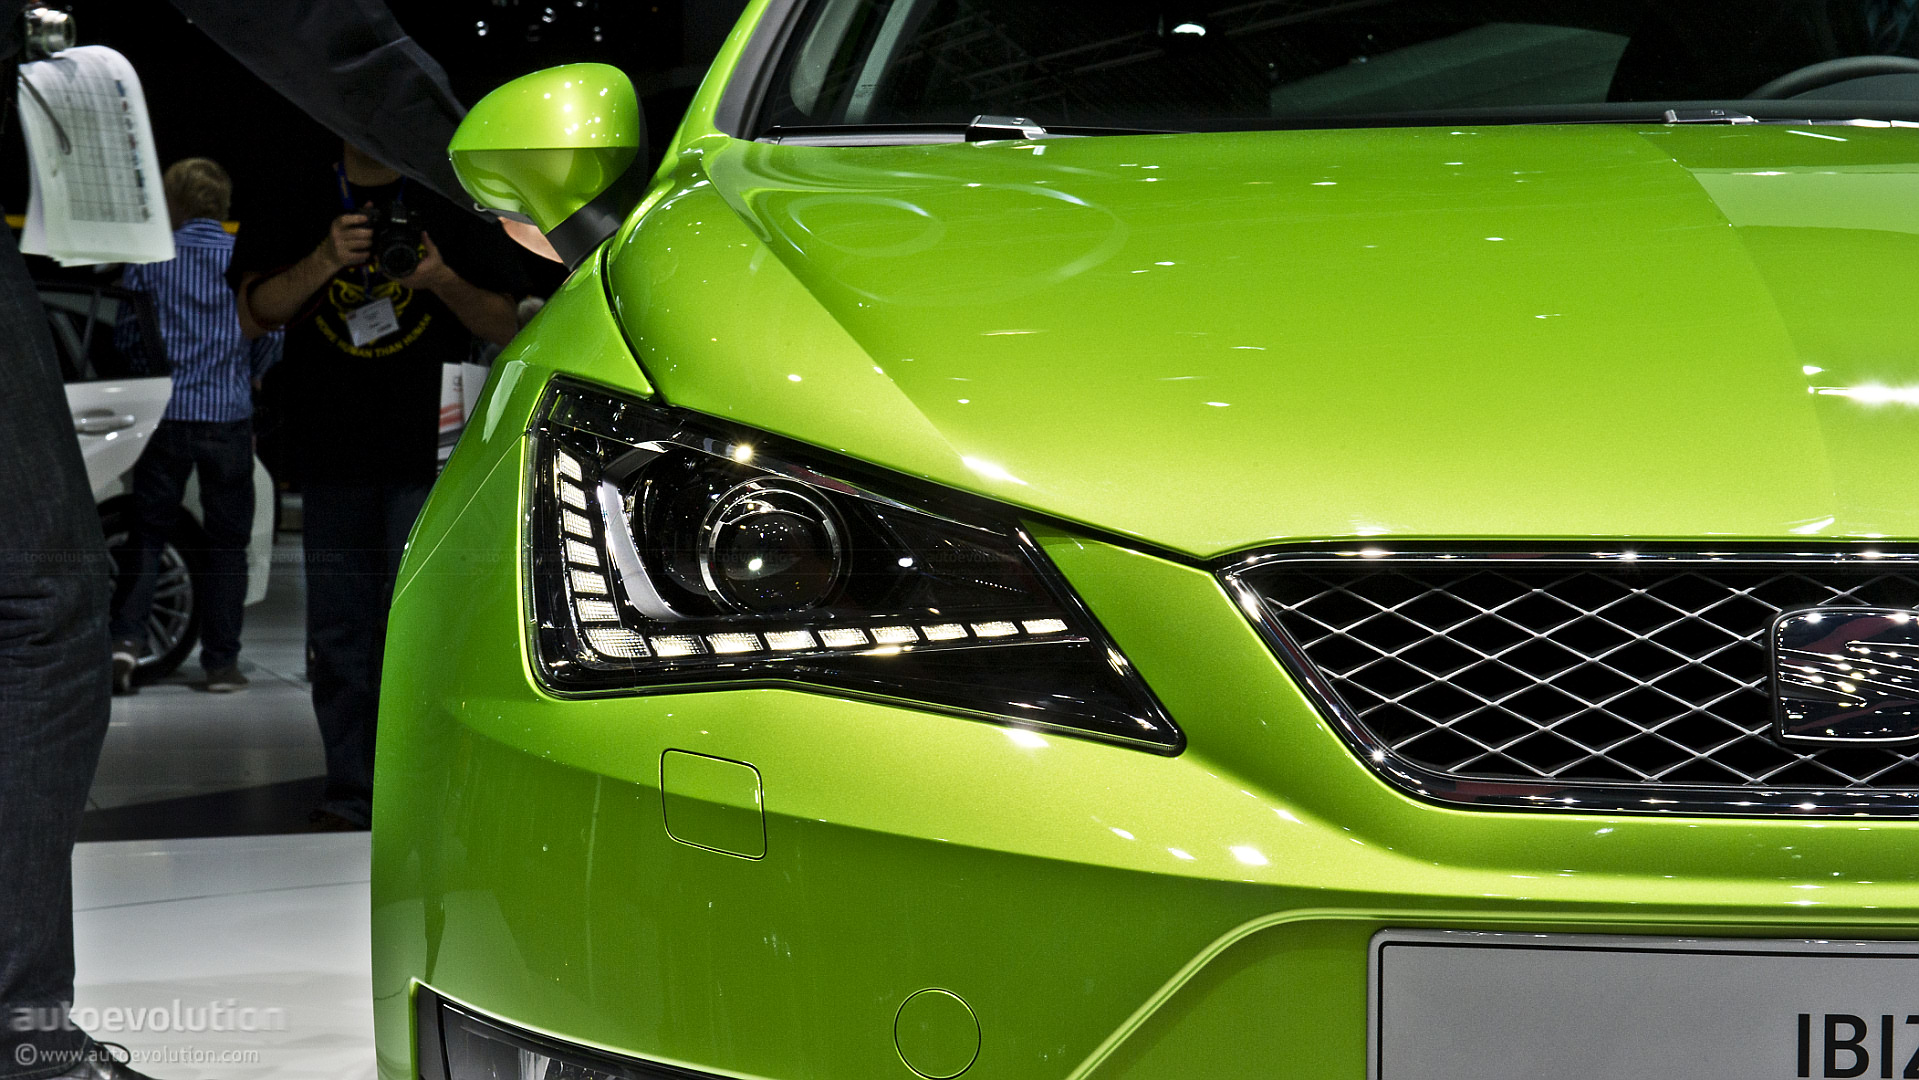 SEAT IBIZA green